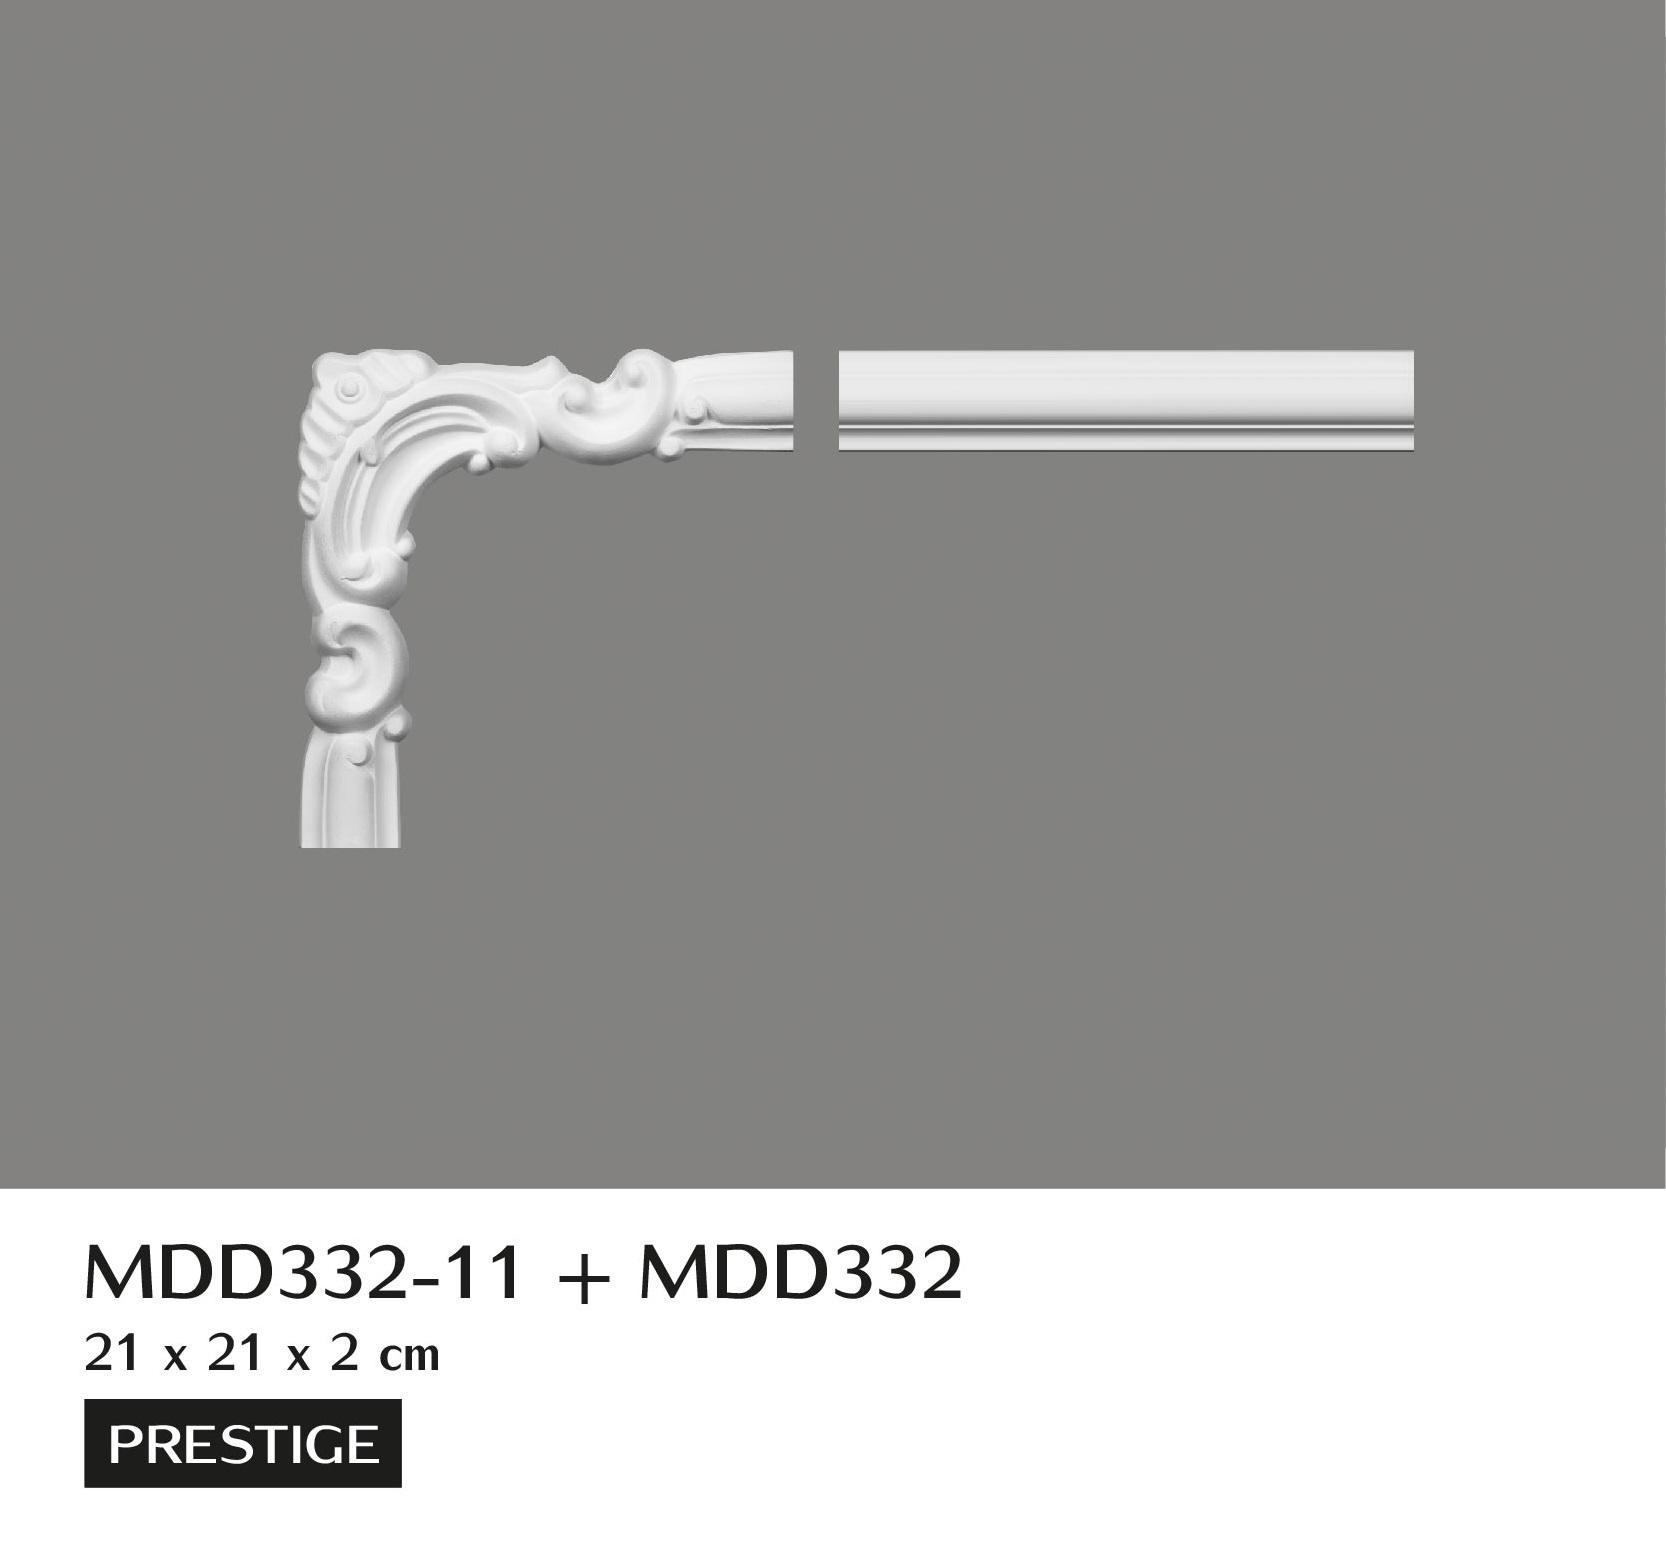 Mdd332 11